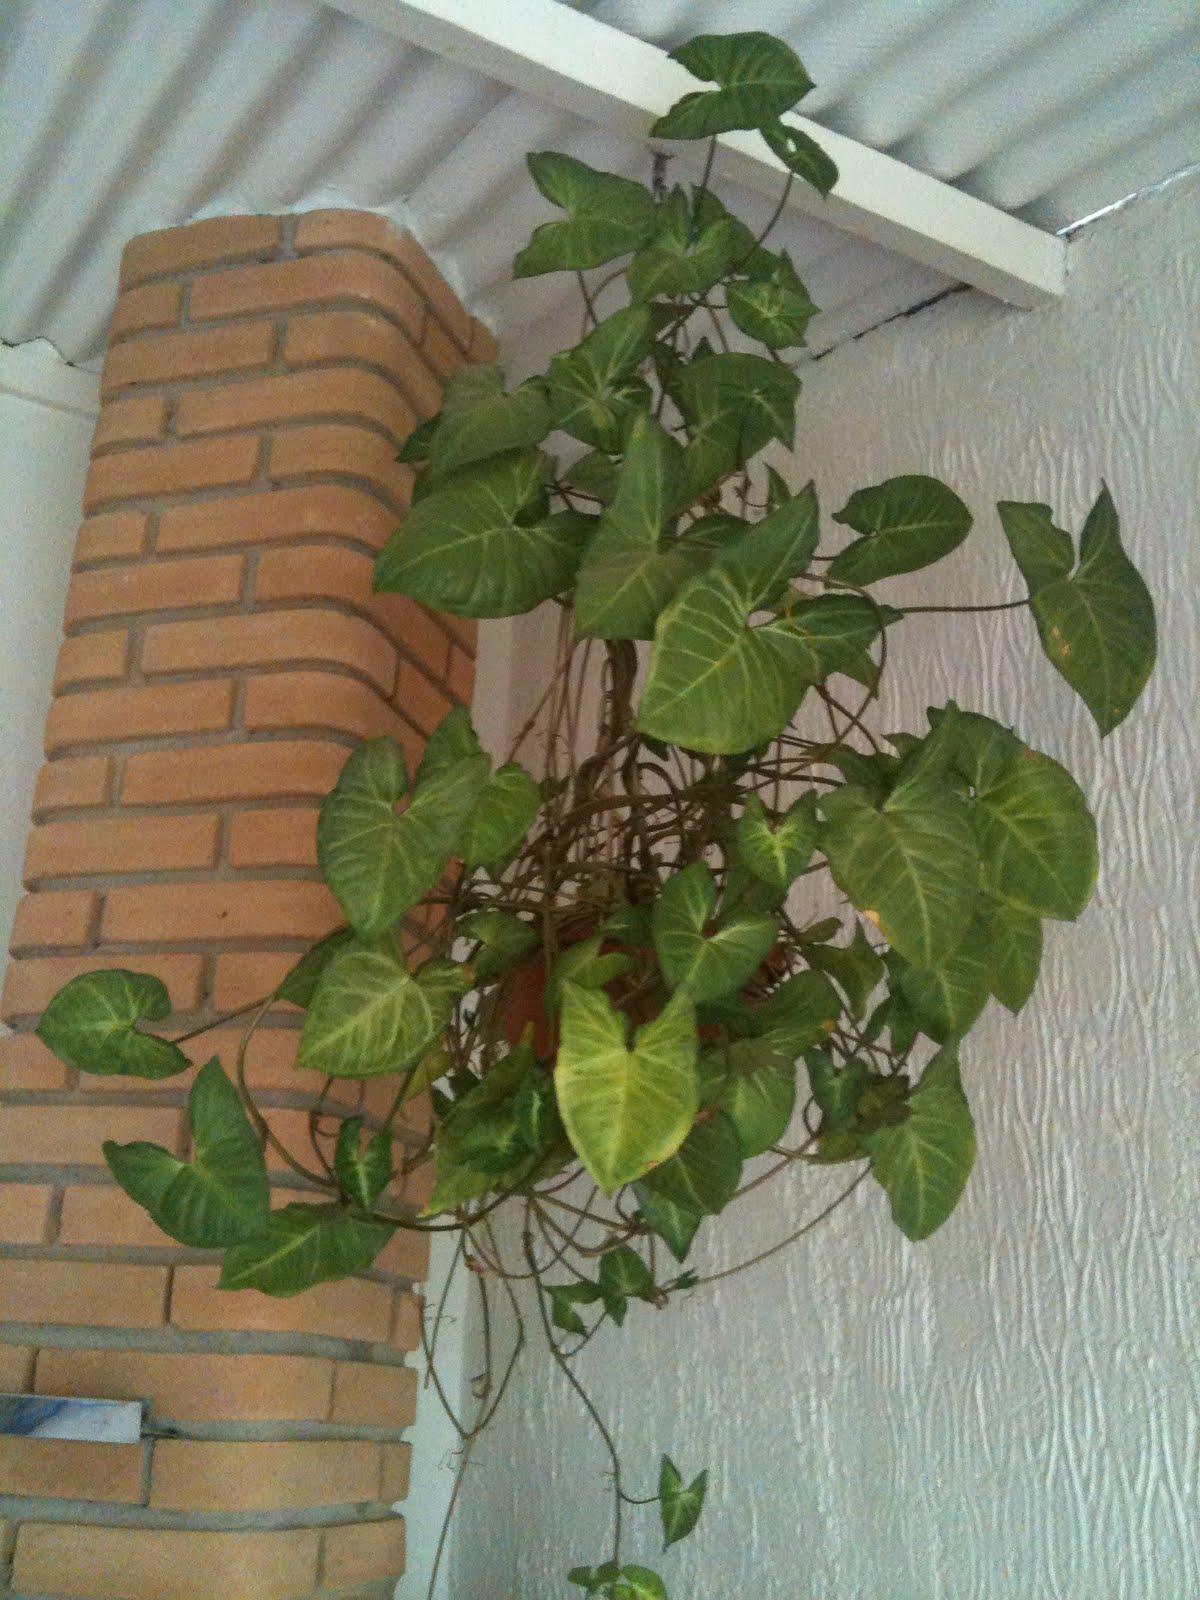 Verde jardim mais plantas para interiores - Plantas de agua para interiores ...